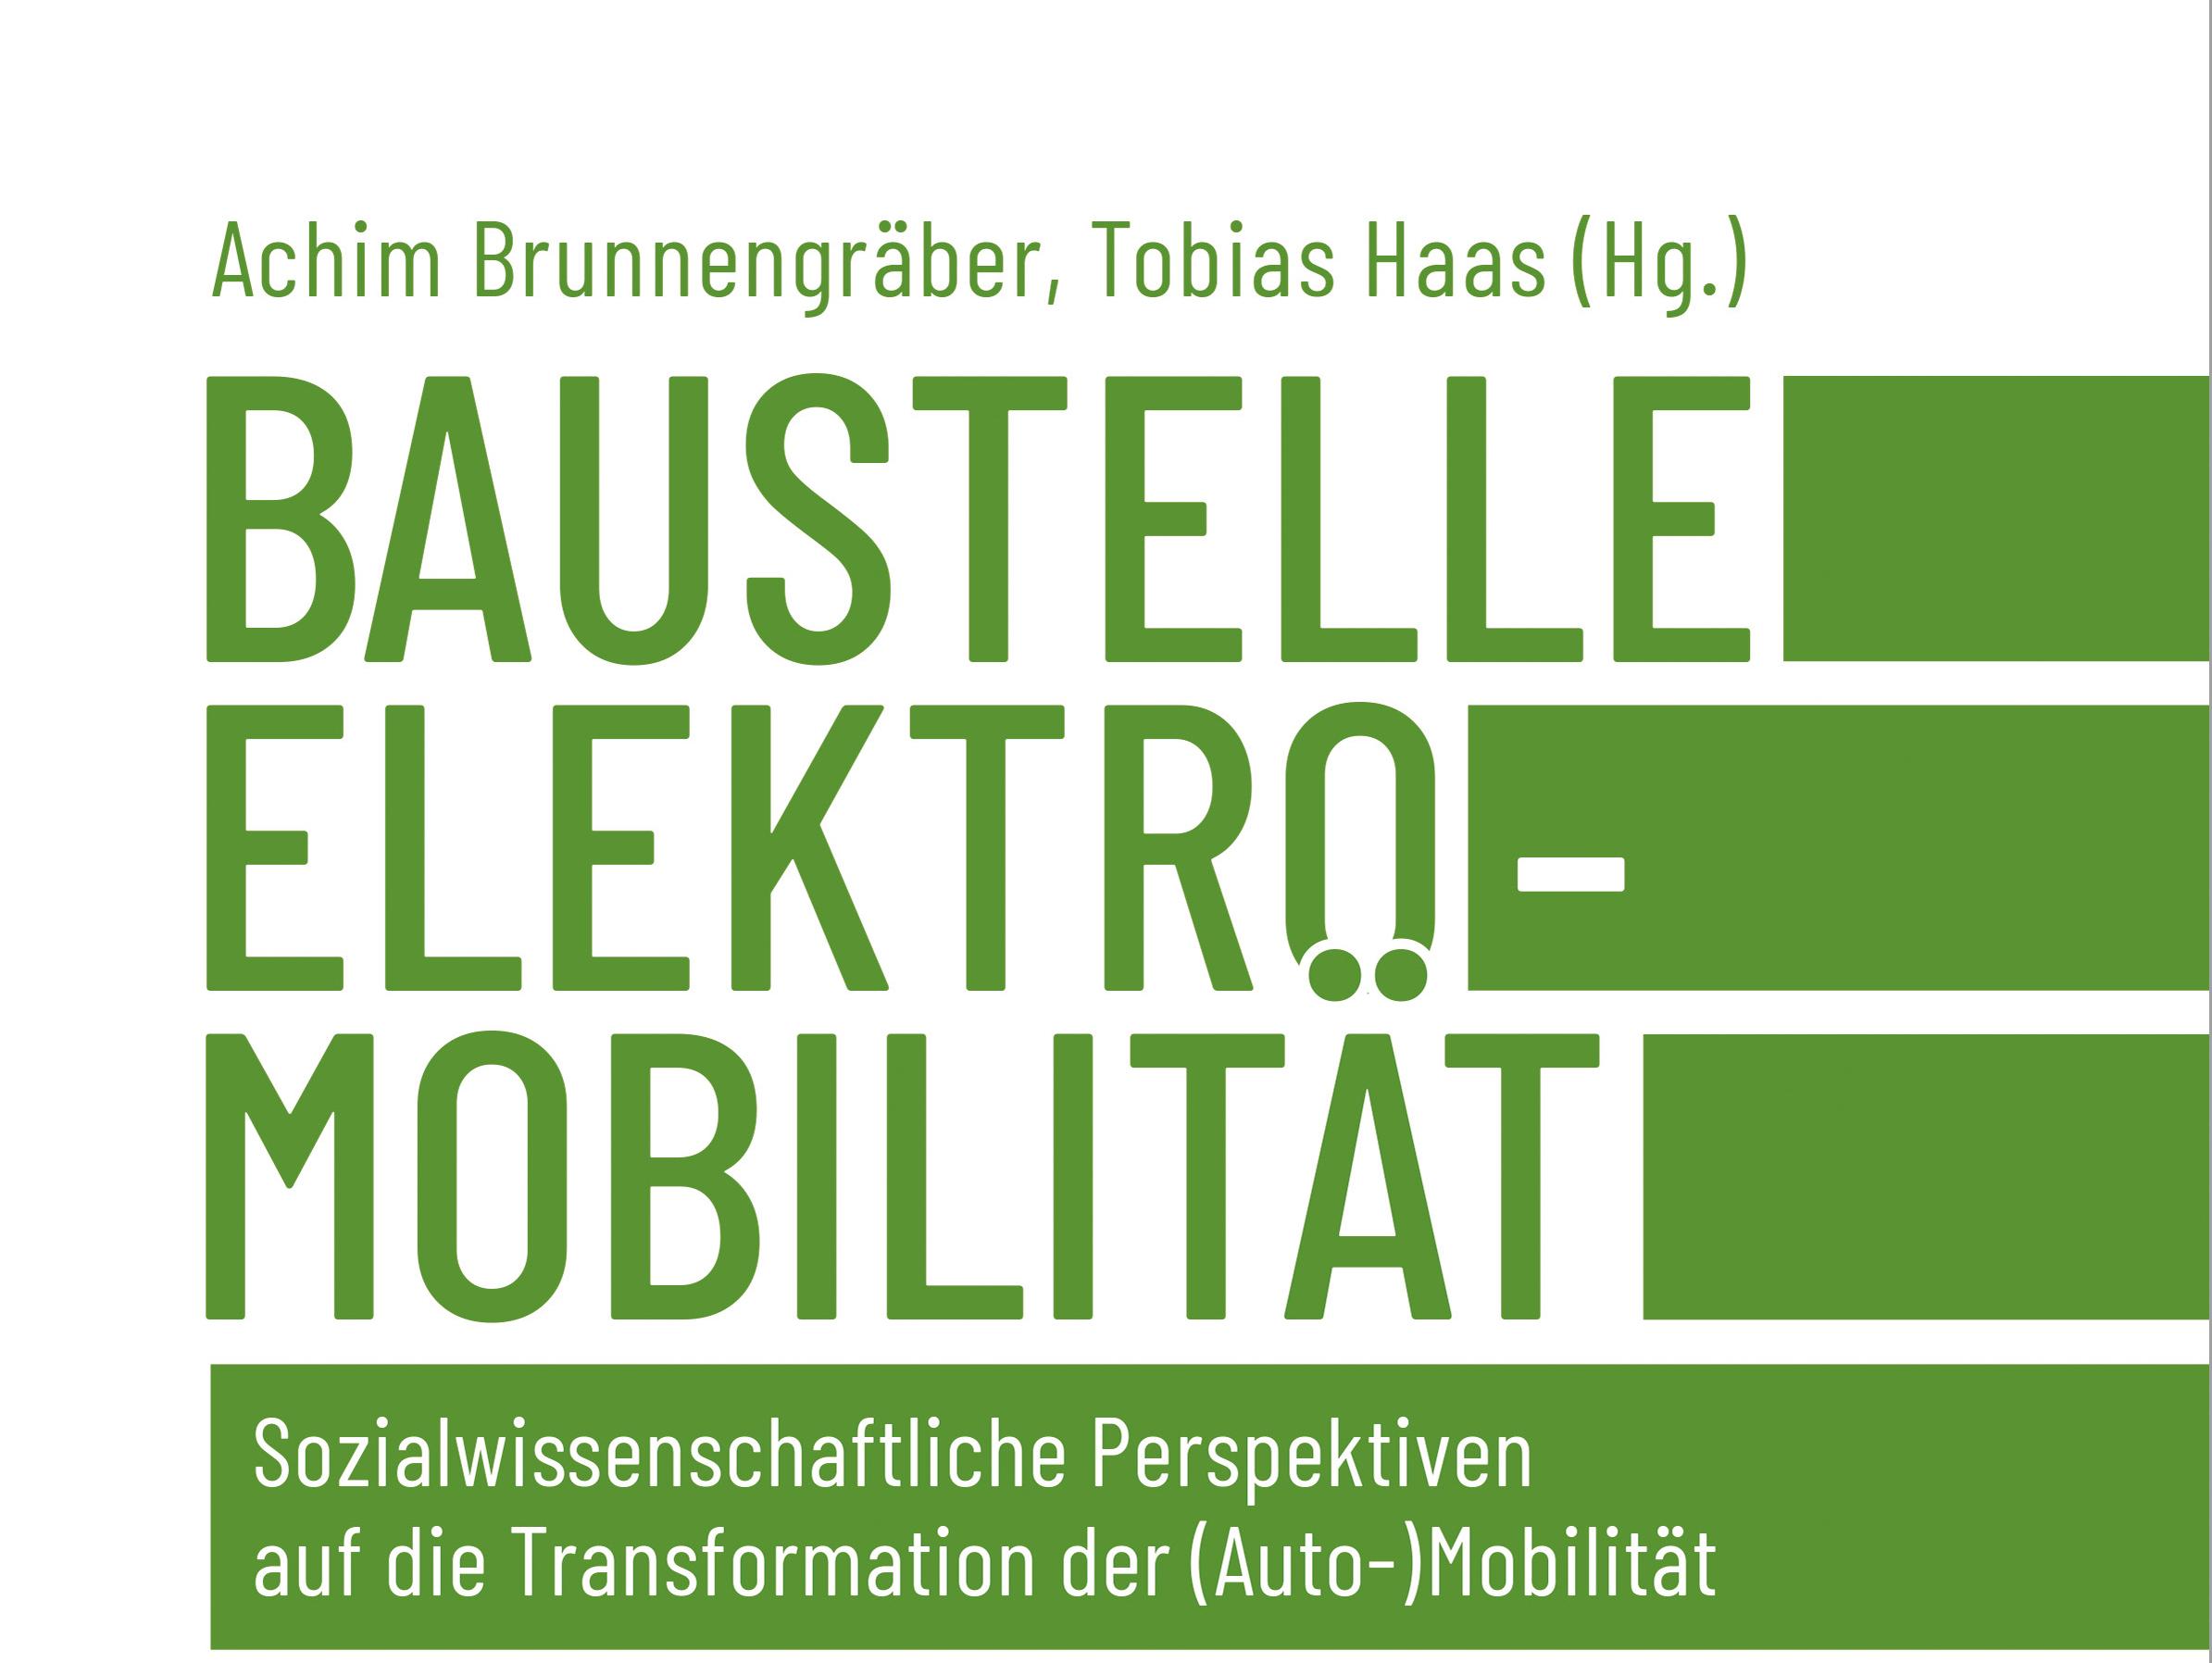 Baustelle Elektromobilität. Sozialwissenschaftliche Perspektiven auf die Transformation der (Auto-)Mobilität